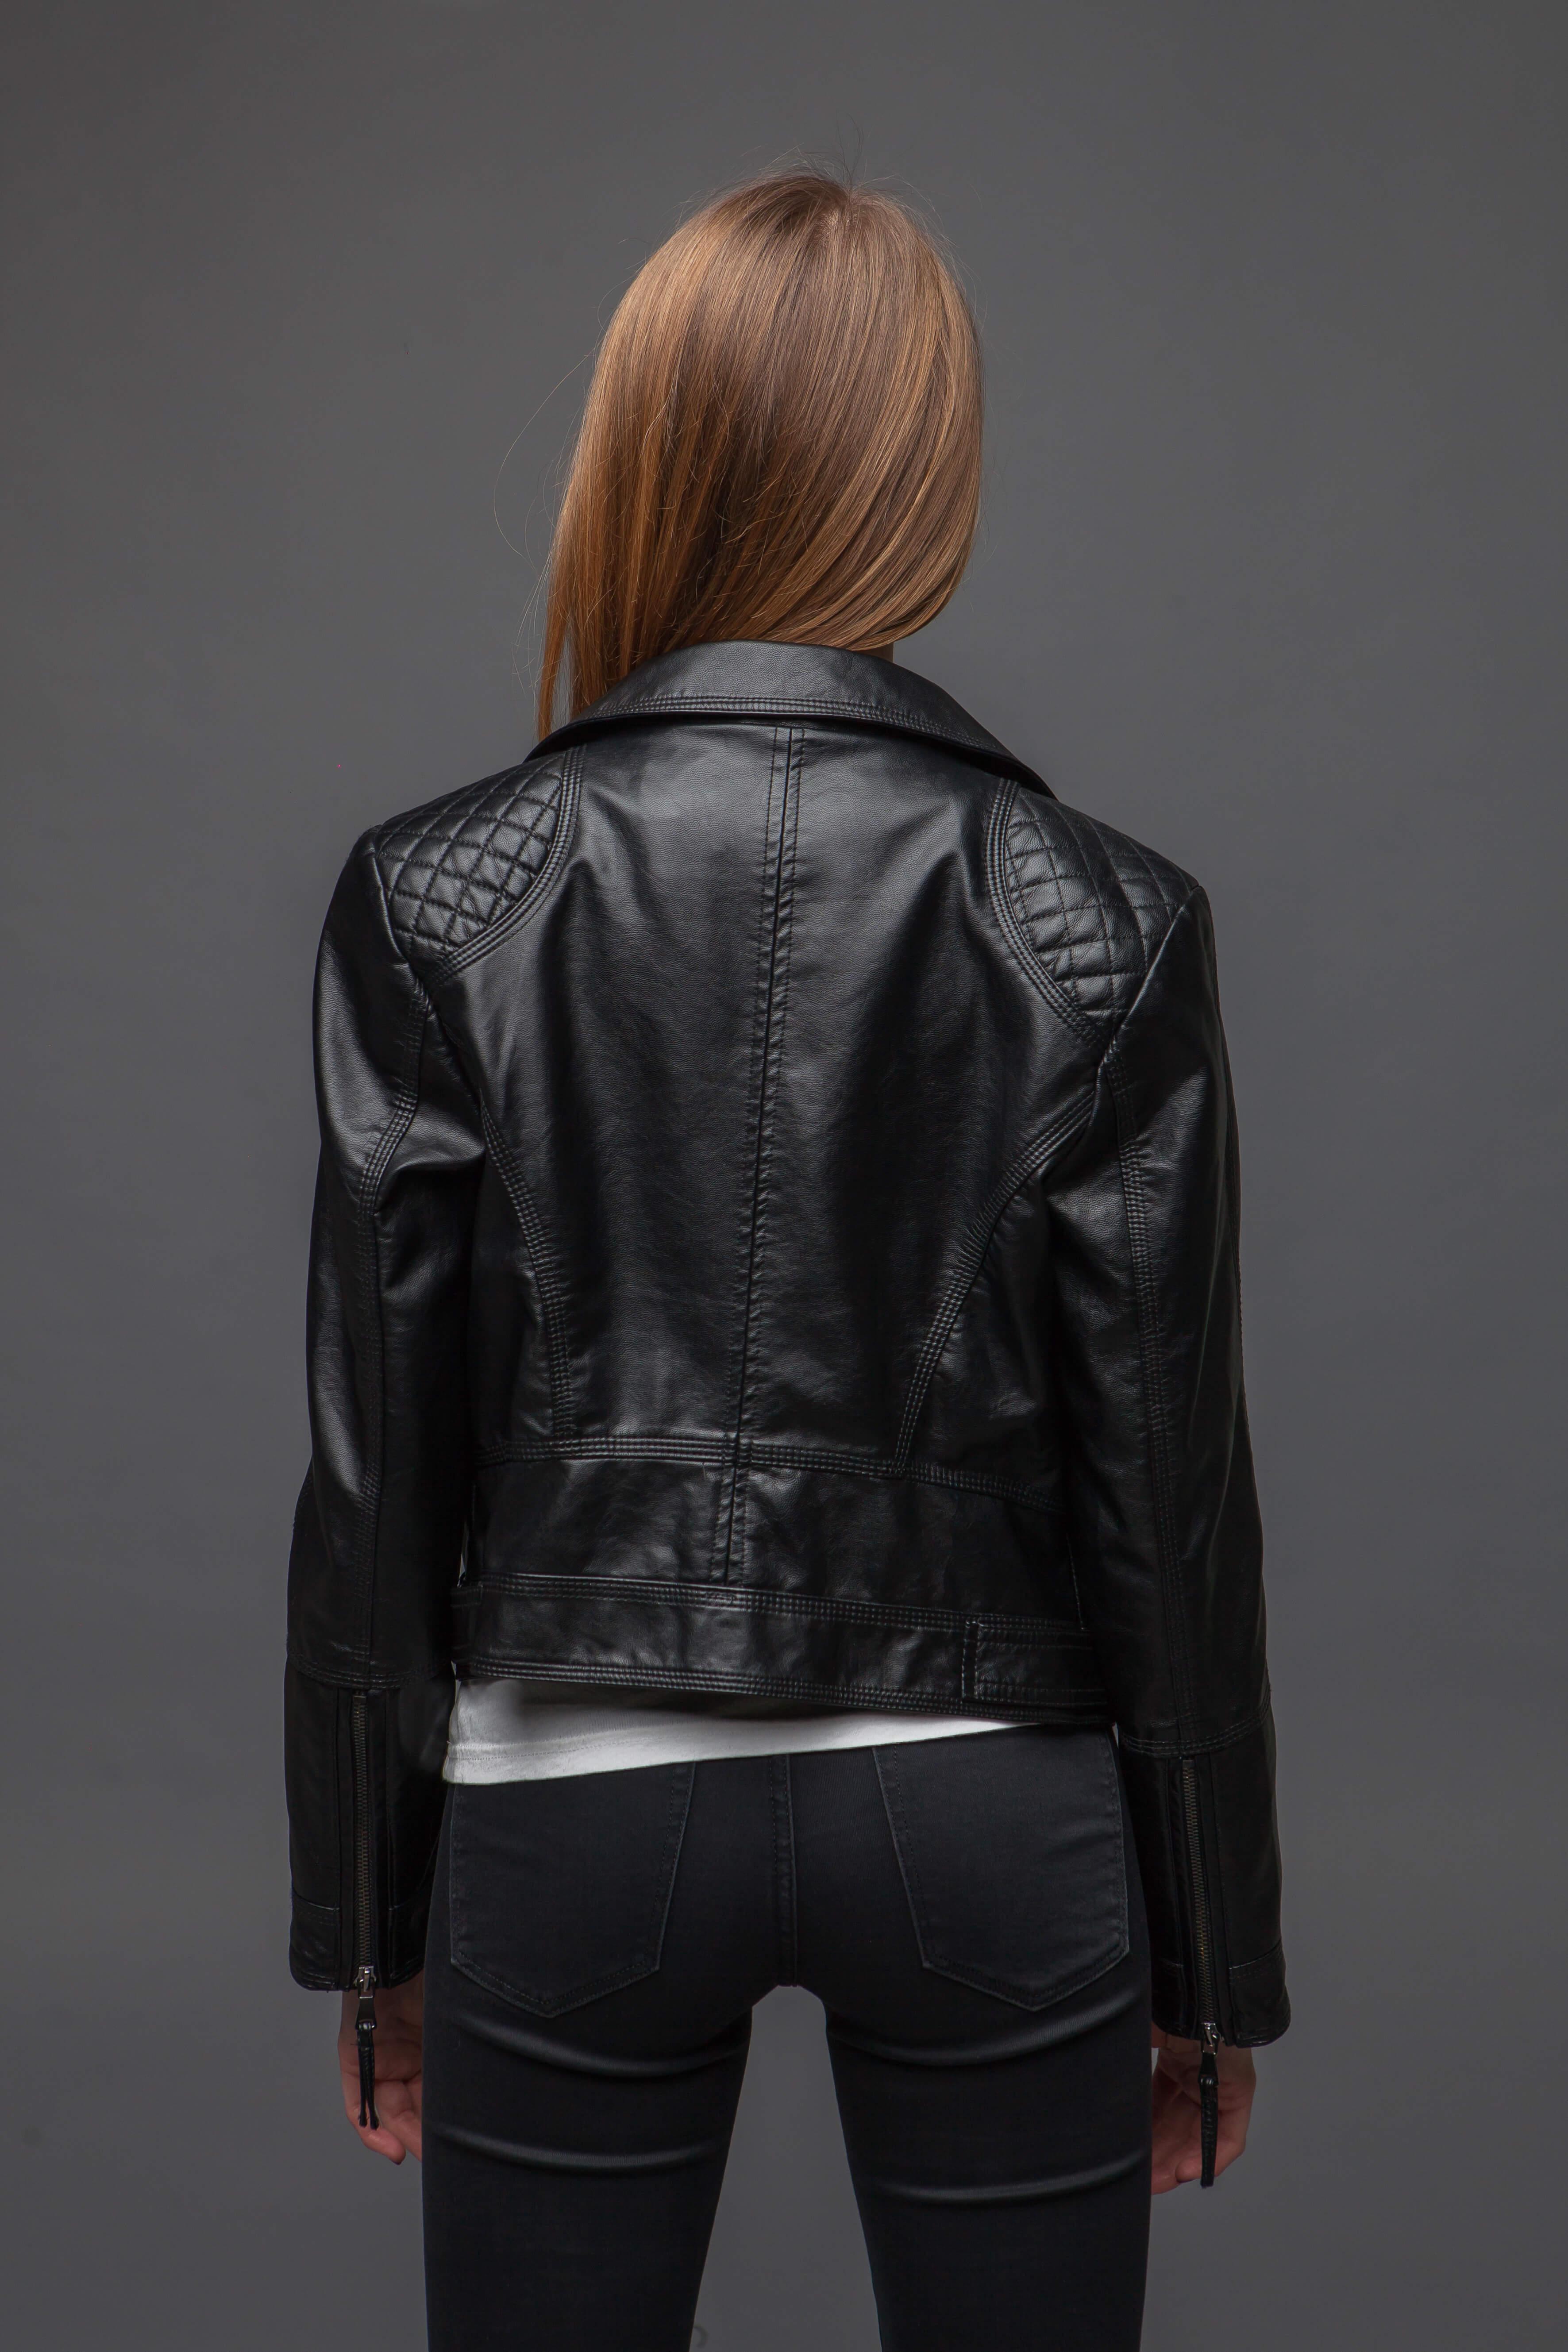 Мотоциклетная куртка из экокожи. Фото 3